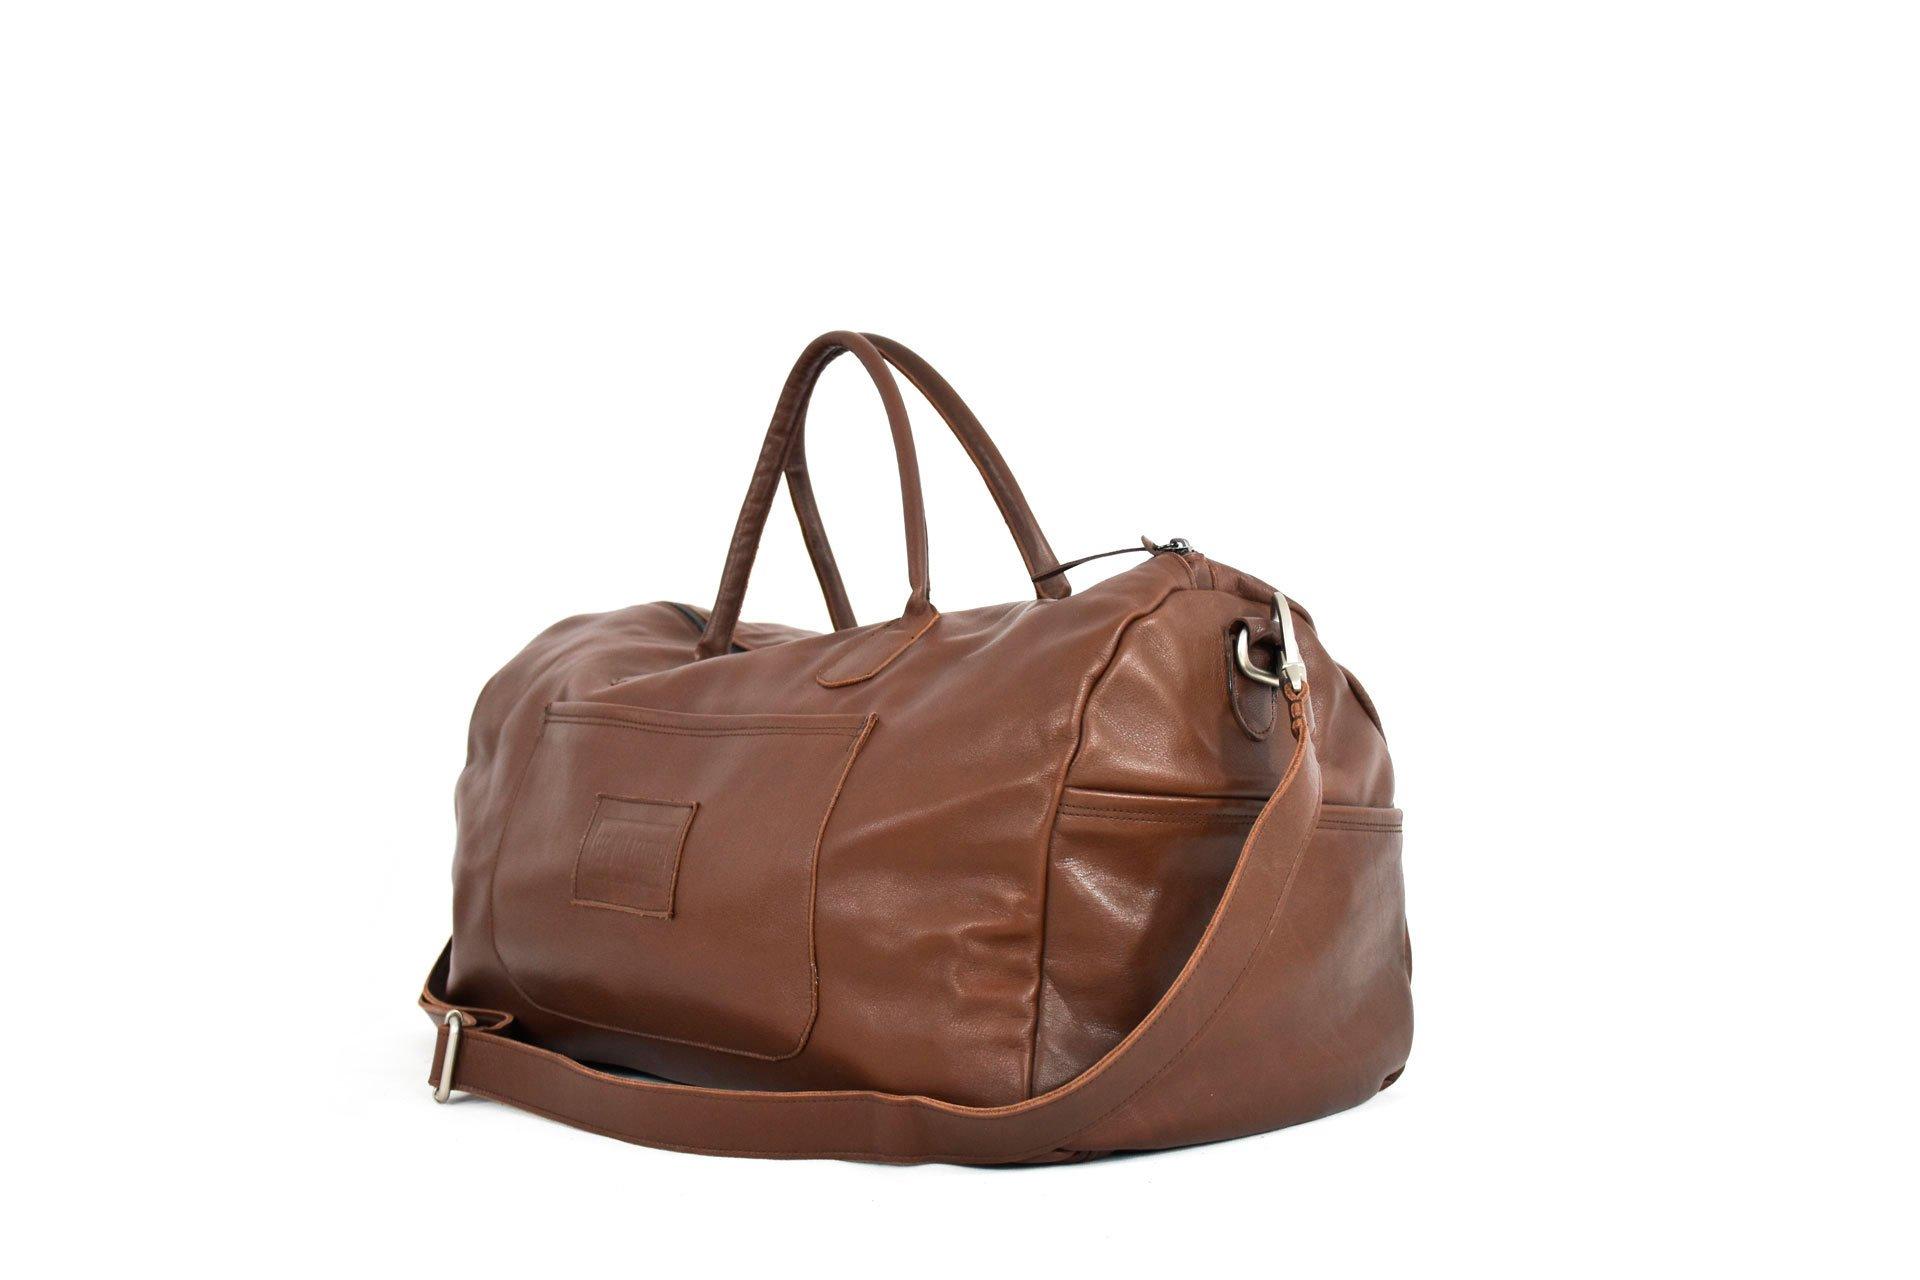 tucuman bolsa viaje marrón oscuro hombre mujer piel cuero real handmade barcelona gotic workshop